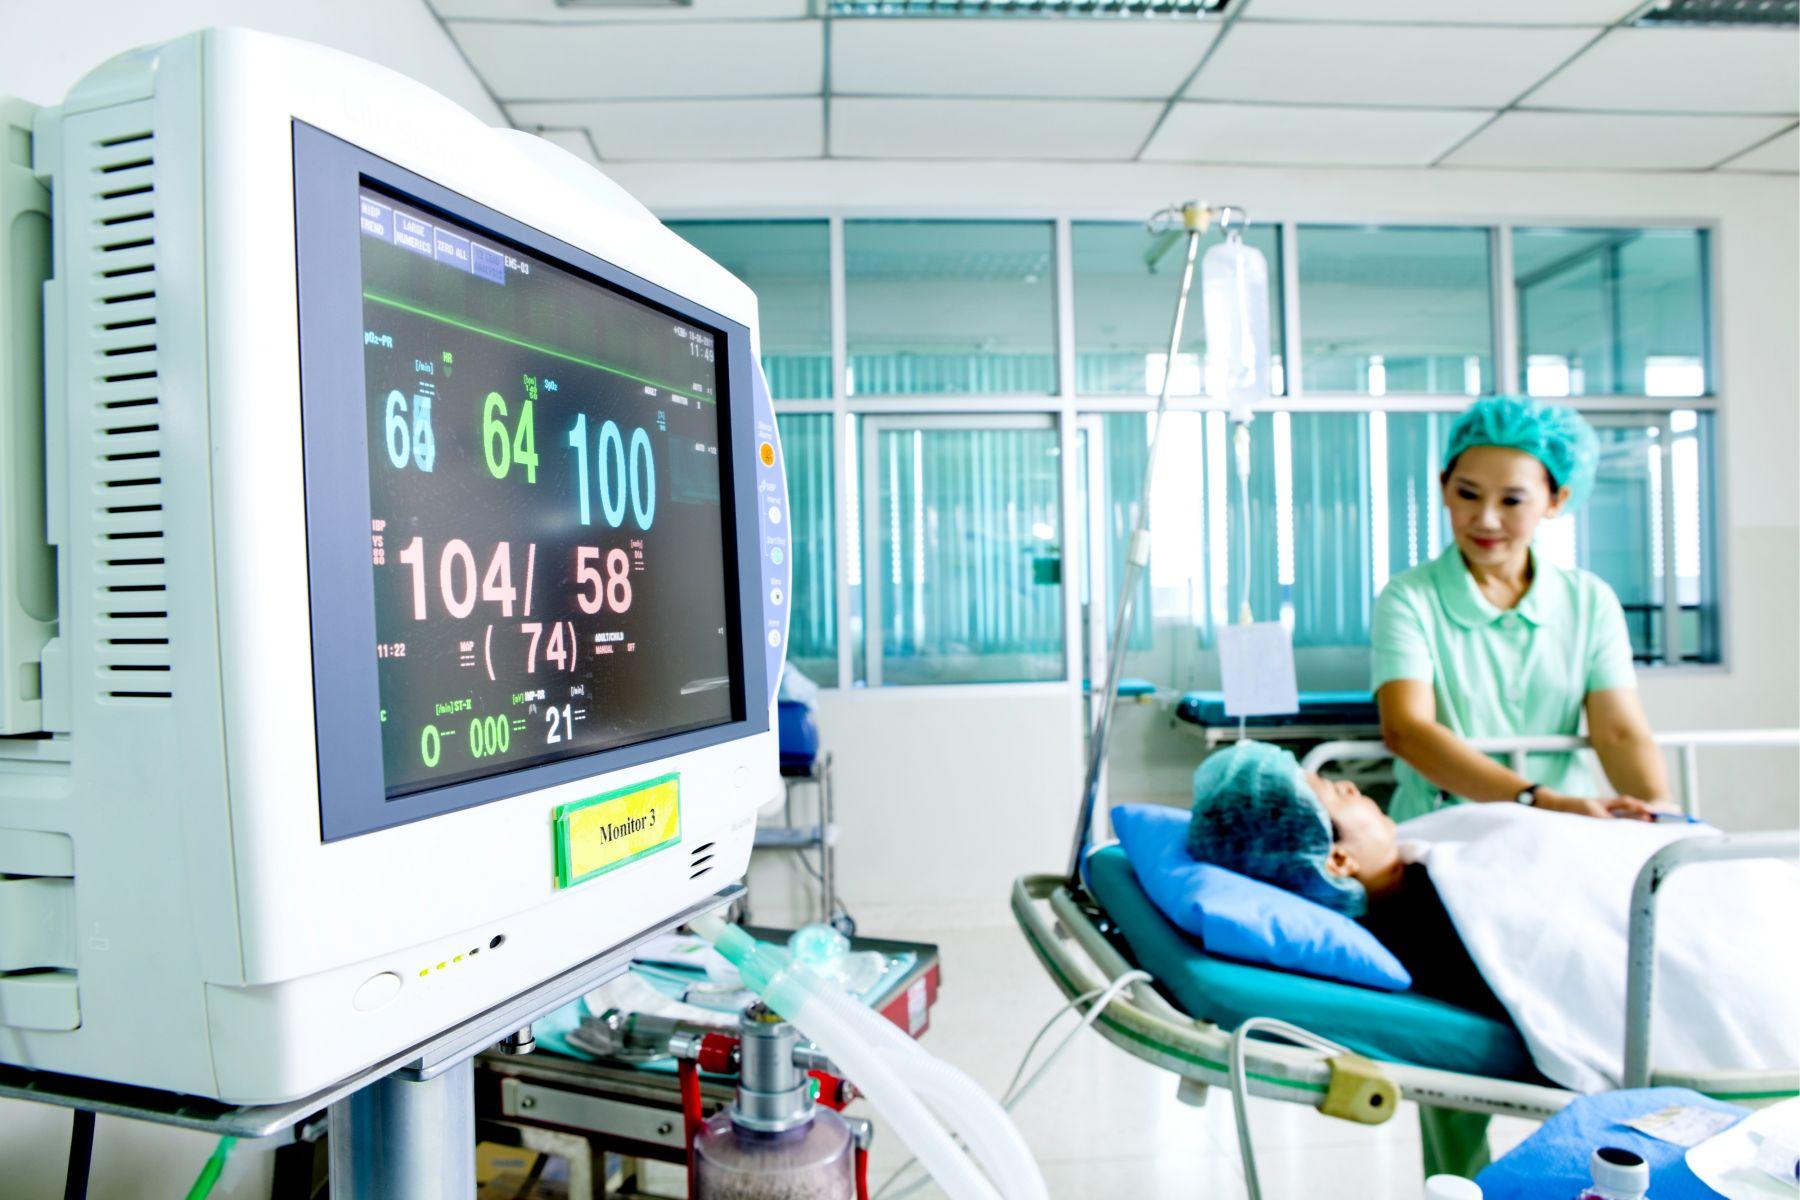 流感疫情升溫,新增118例重症、8死...疾管署防疫醫師苦勸:快做一件事是保命關鍵